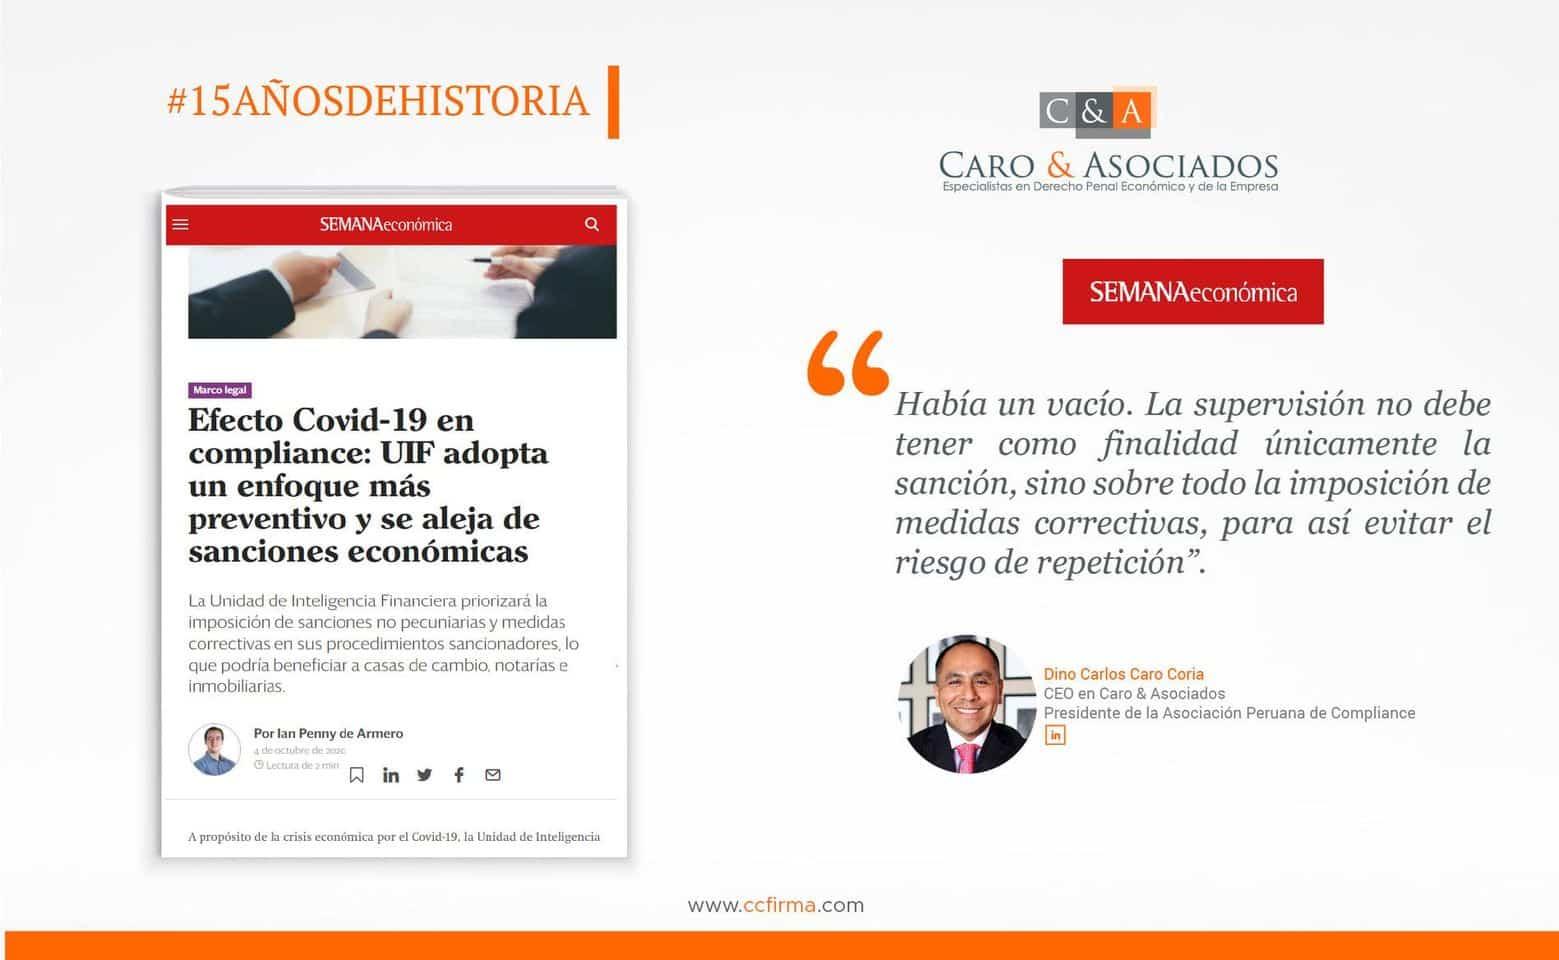 """#CaroAsociadosOpina: """"La Supervisión No Debe Tener Como Finalidad únicamente La Sanción""""."""